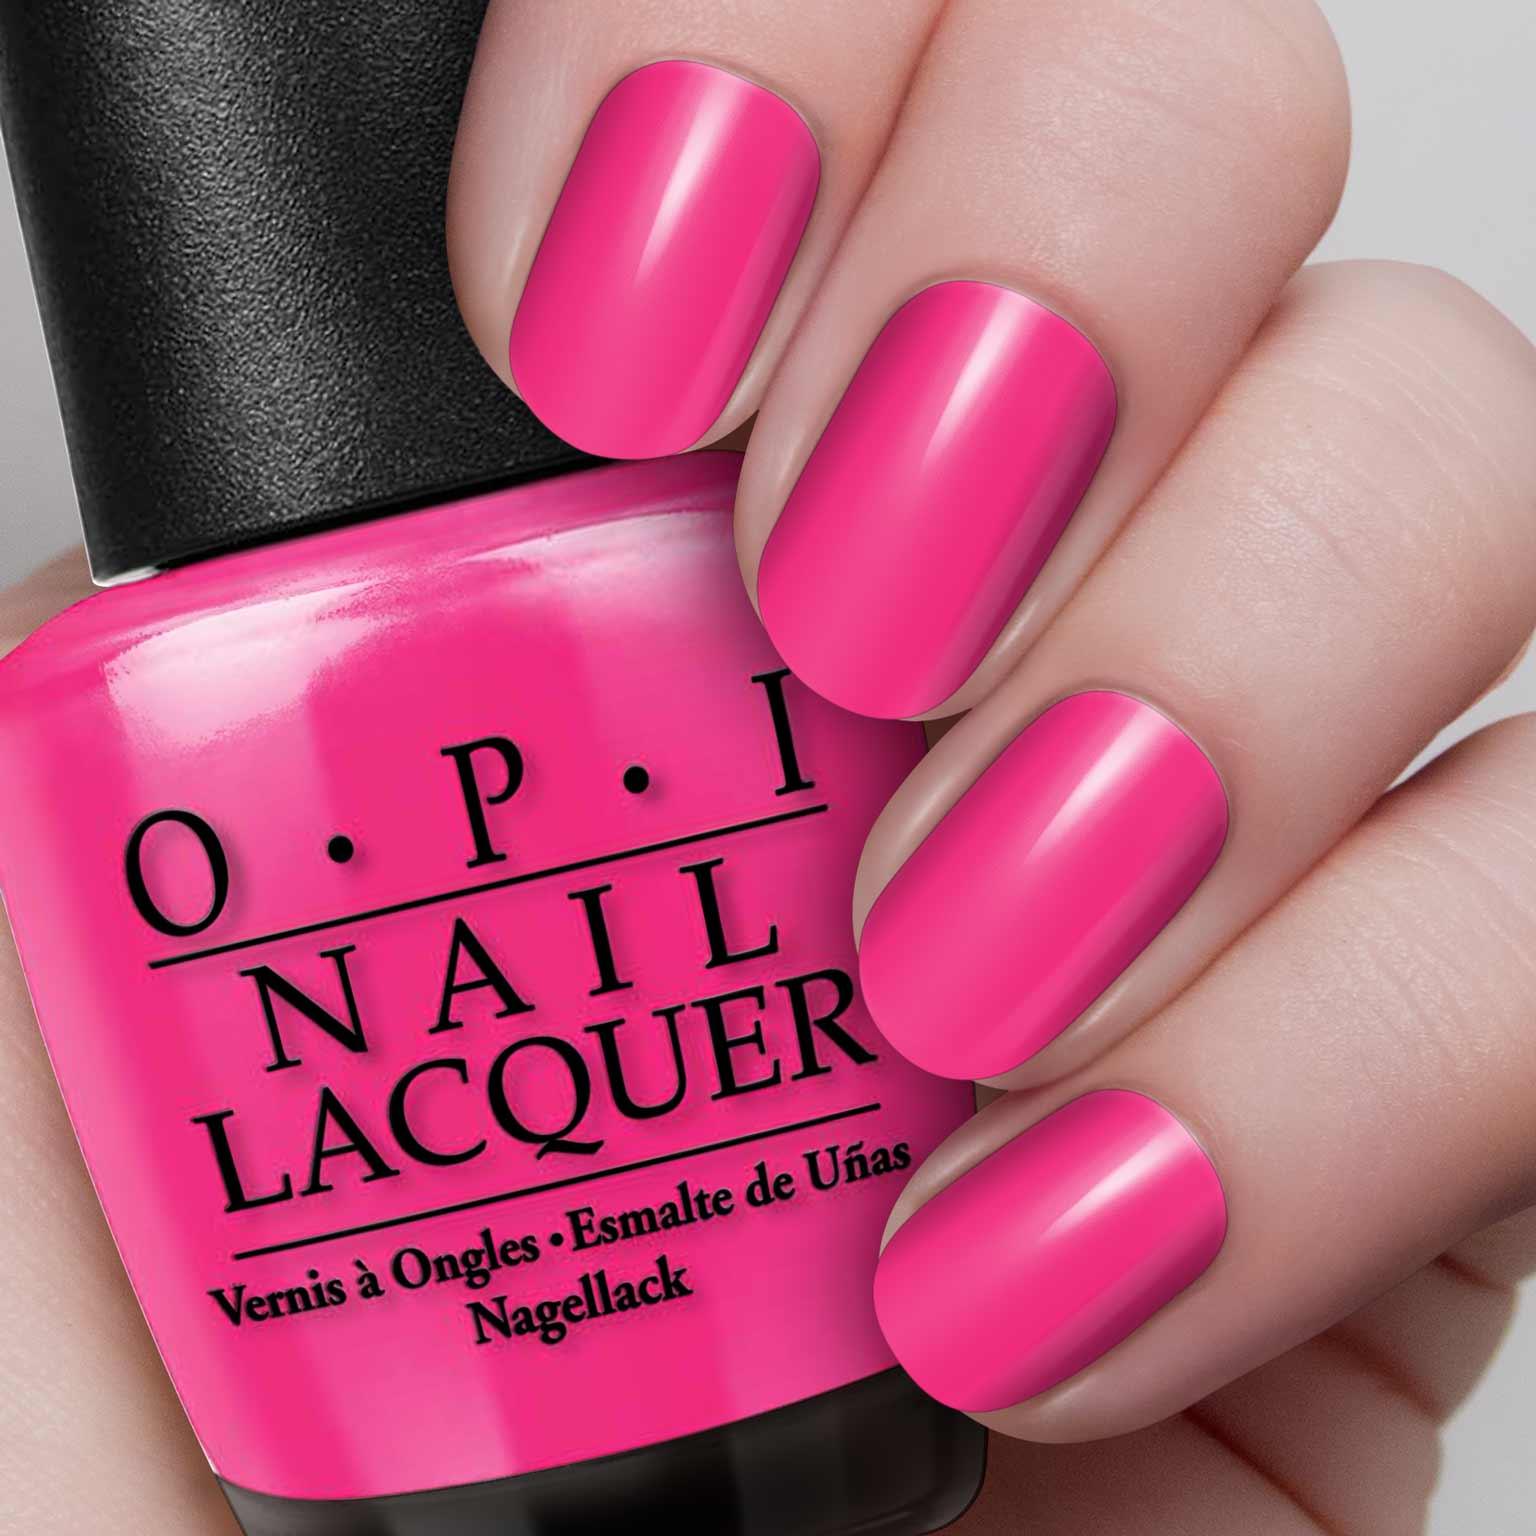 OPI Nail Polish – Pompeii Purple – Hollywood Nails Supply UK